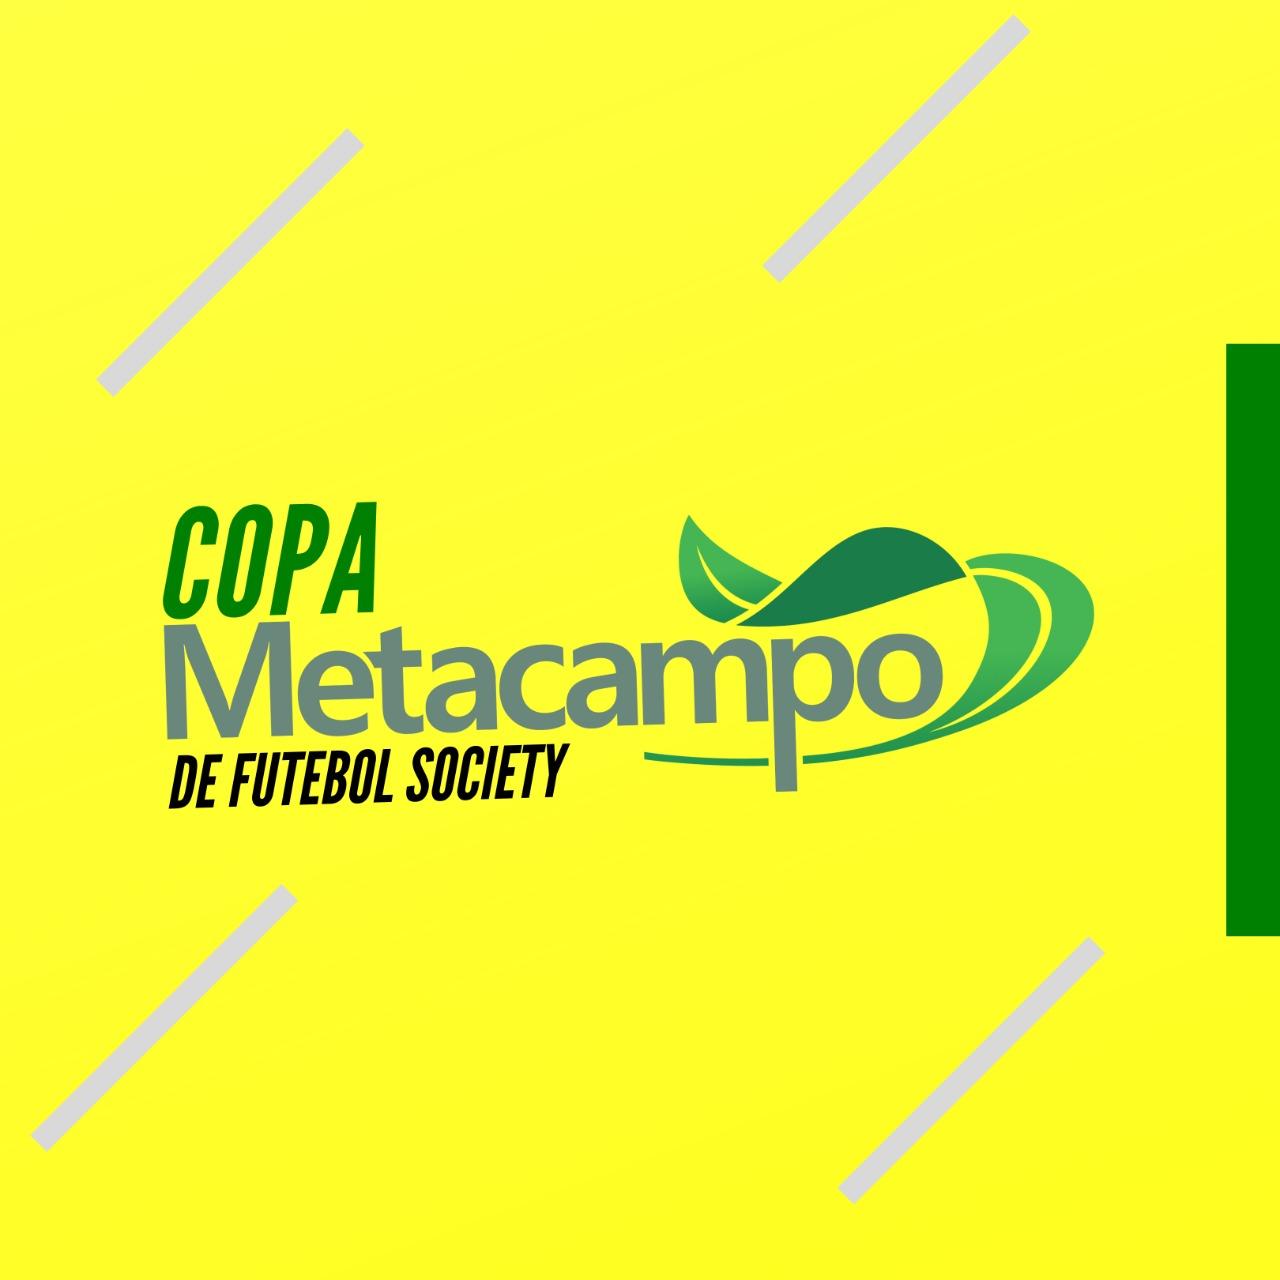 Confira os grupos da Copa Metacampo de Futebol Society